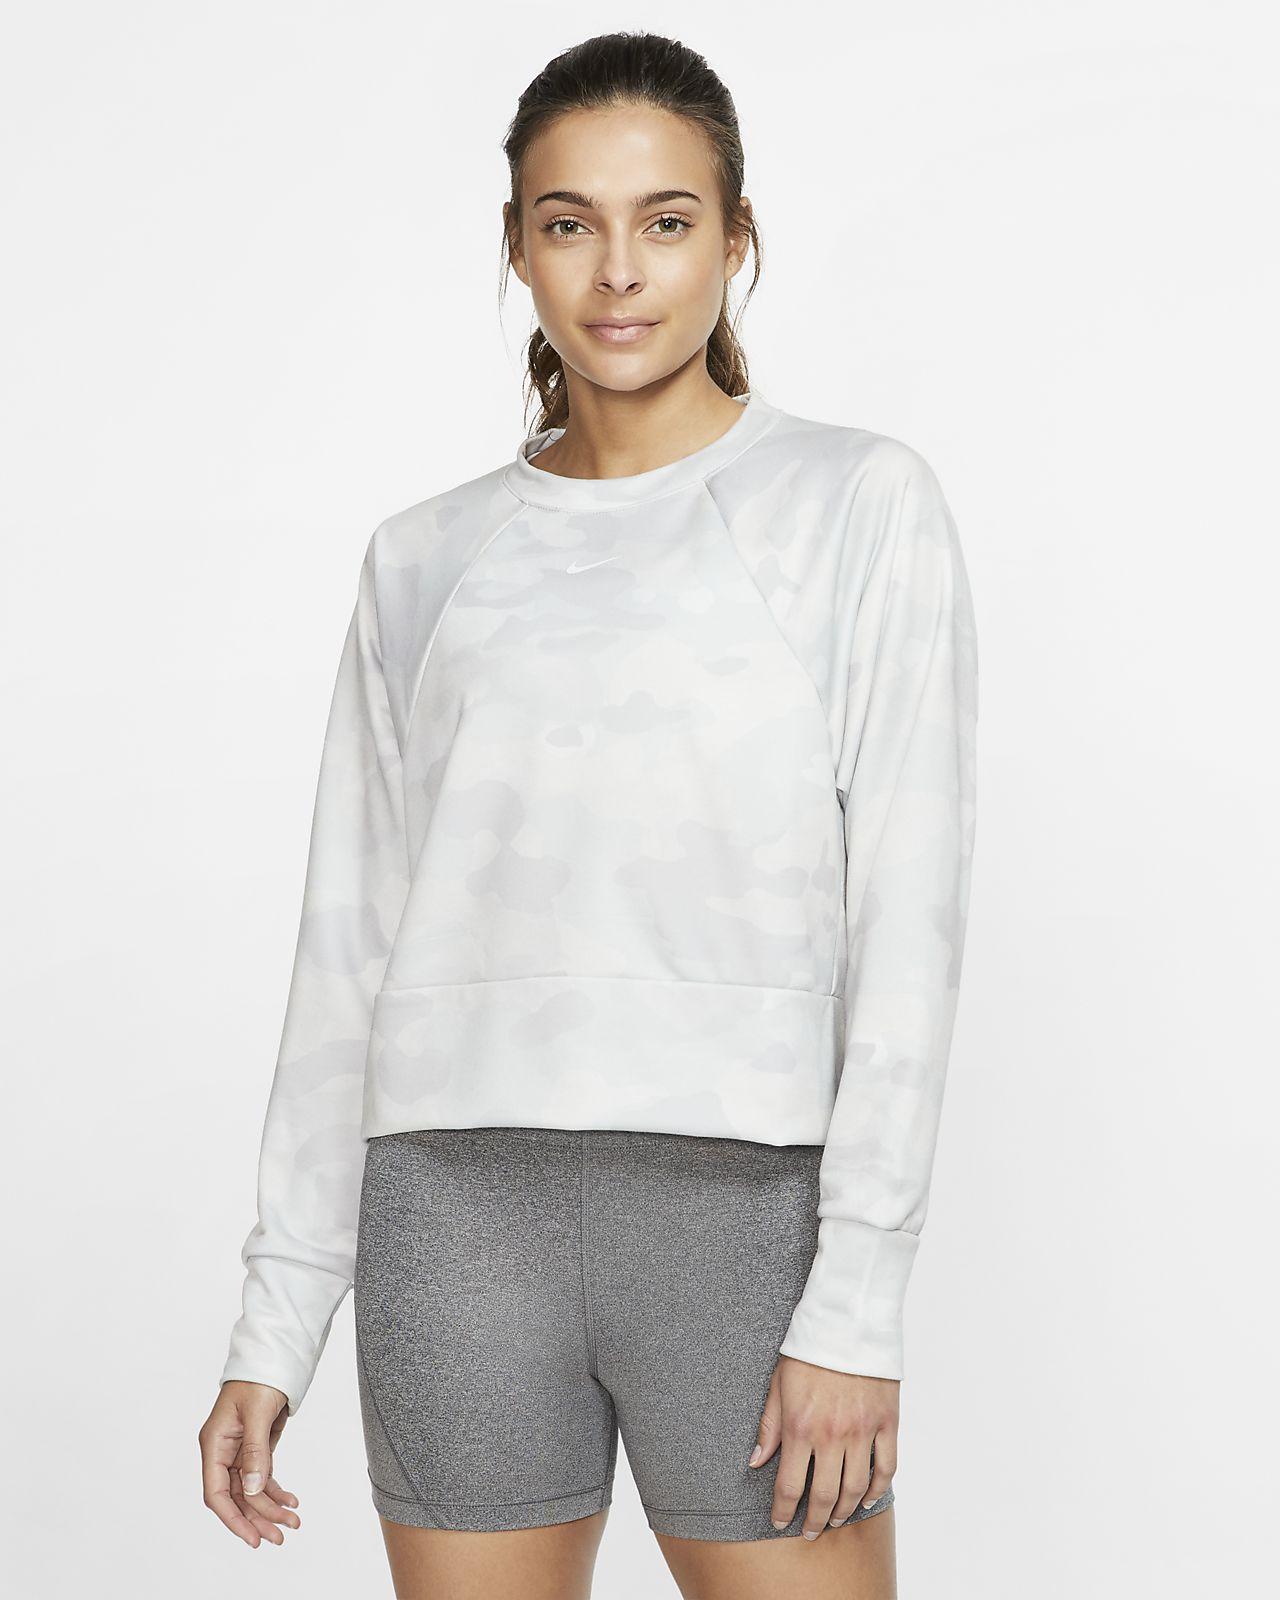 Kamouflagemönstrad träningströja i fleece Nike Dri-FIT för kvinnor